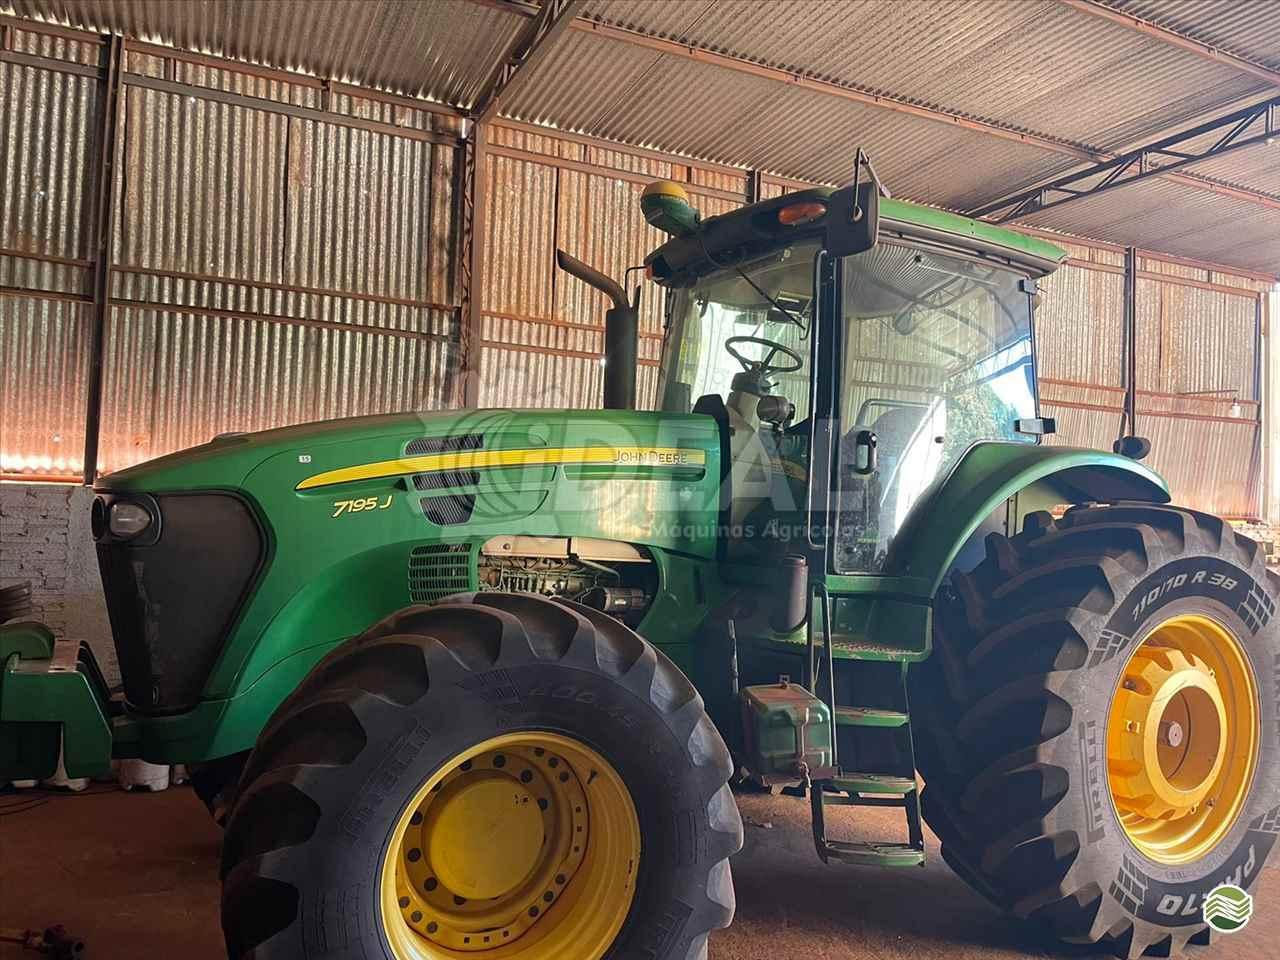 TRATOR JOHN DEERE JOHN DEERE 7195 Tração 4x4 Ideal Máquinas Agrícolas SAO GONCALO DO SAPUCAI MINAS GERAIS MG